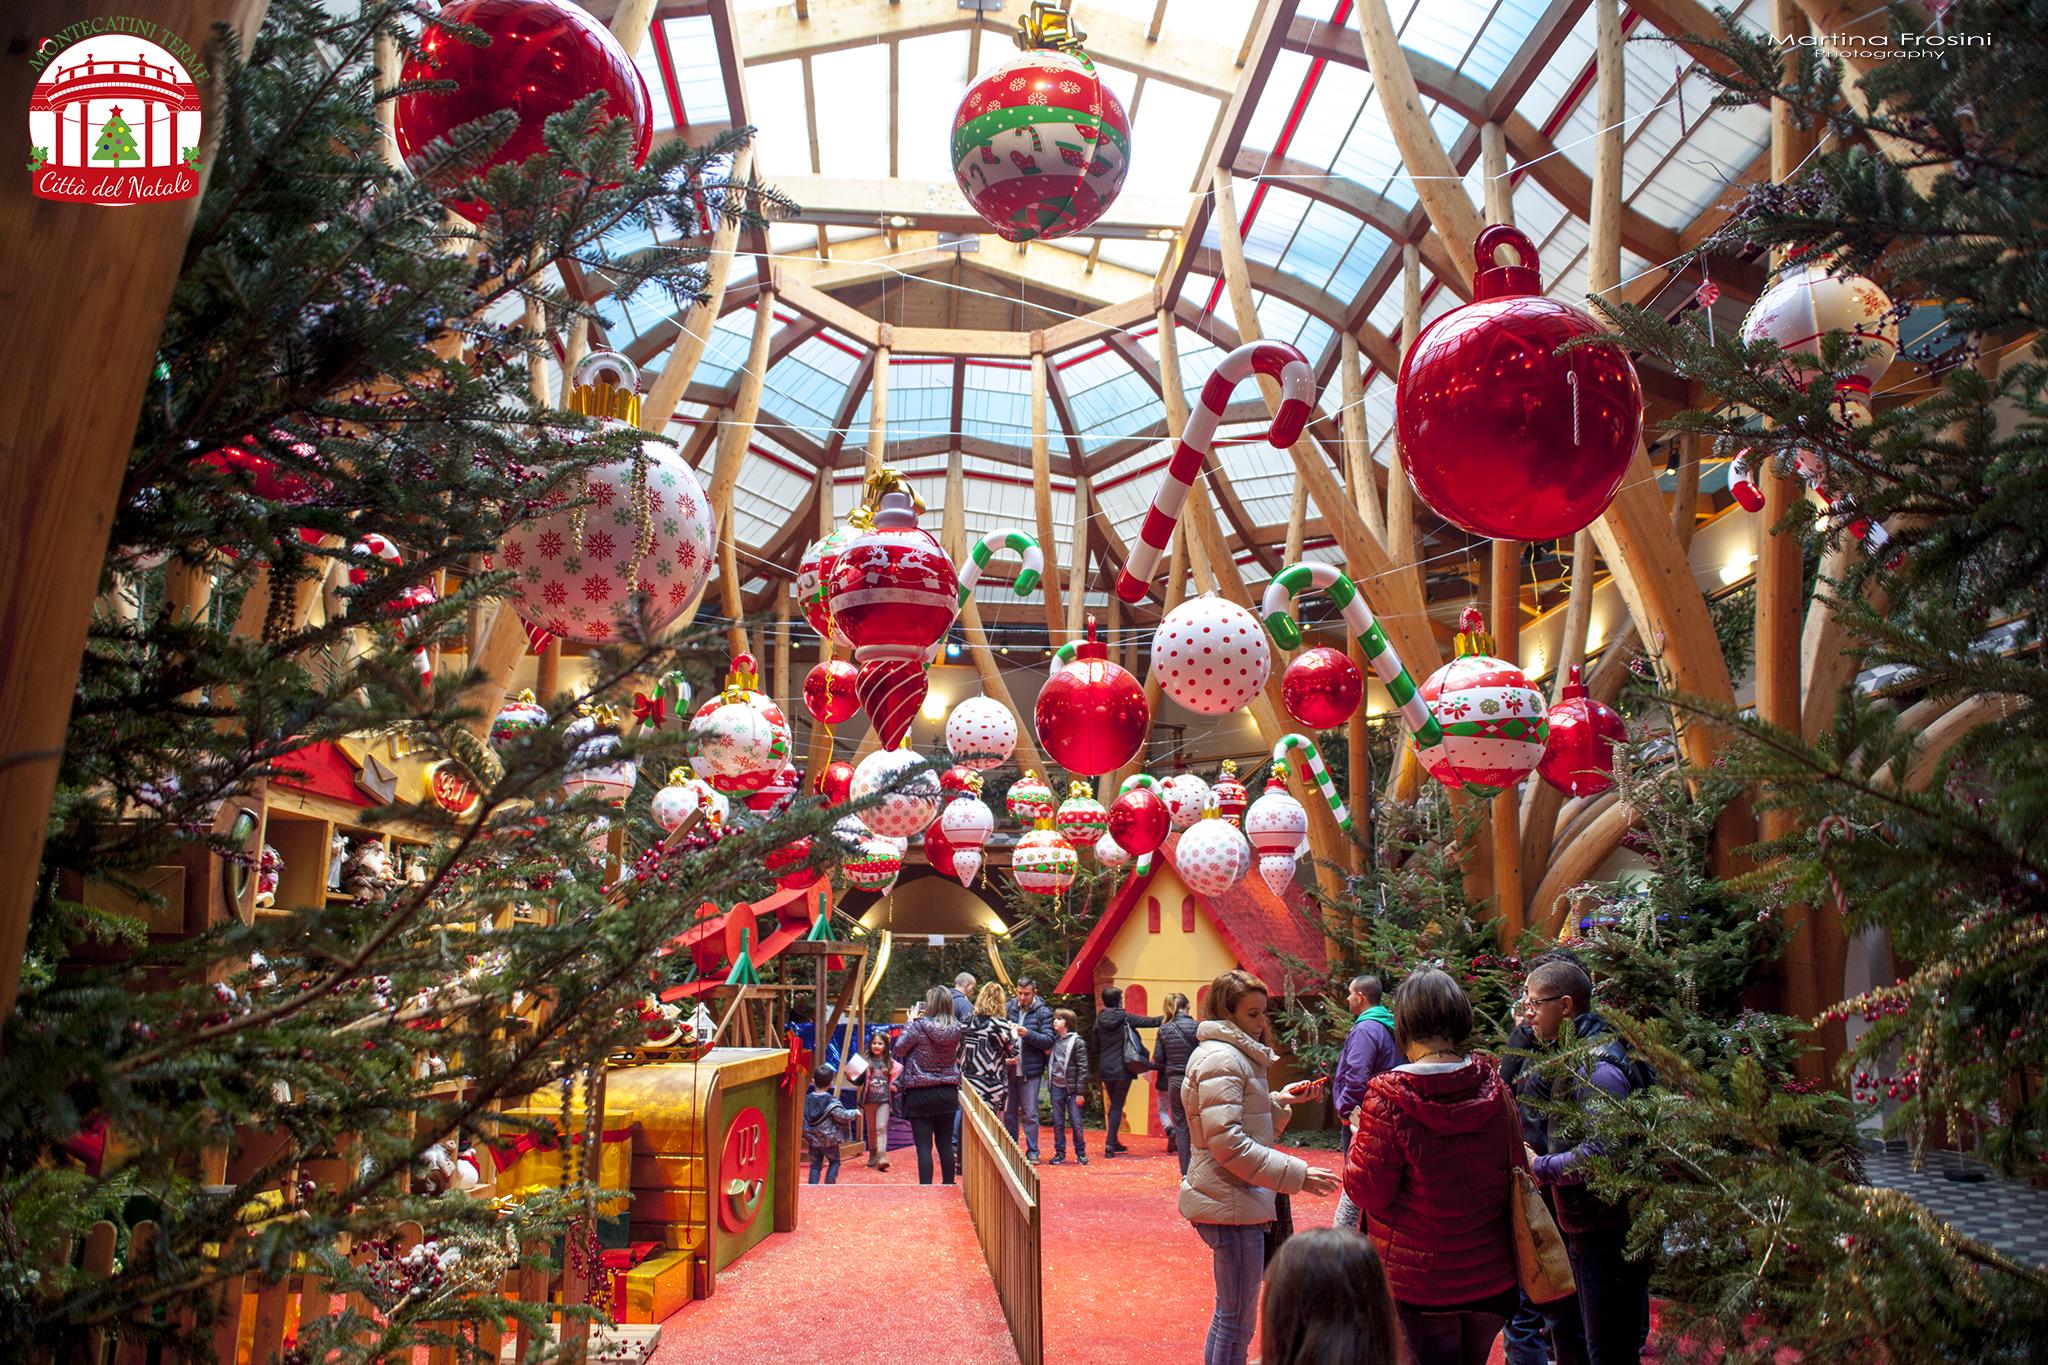 Babbo Natale 8 Dicembre Roma.La Casa Di Babbo Natale Si Sdoppia Apre Questo Fine Settimana